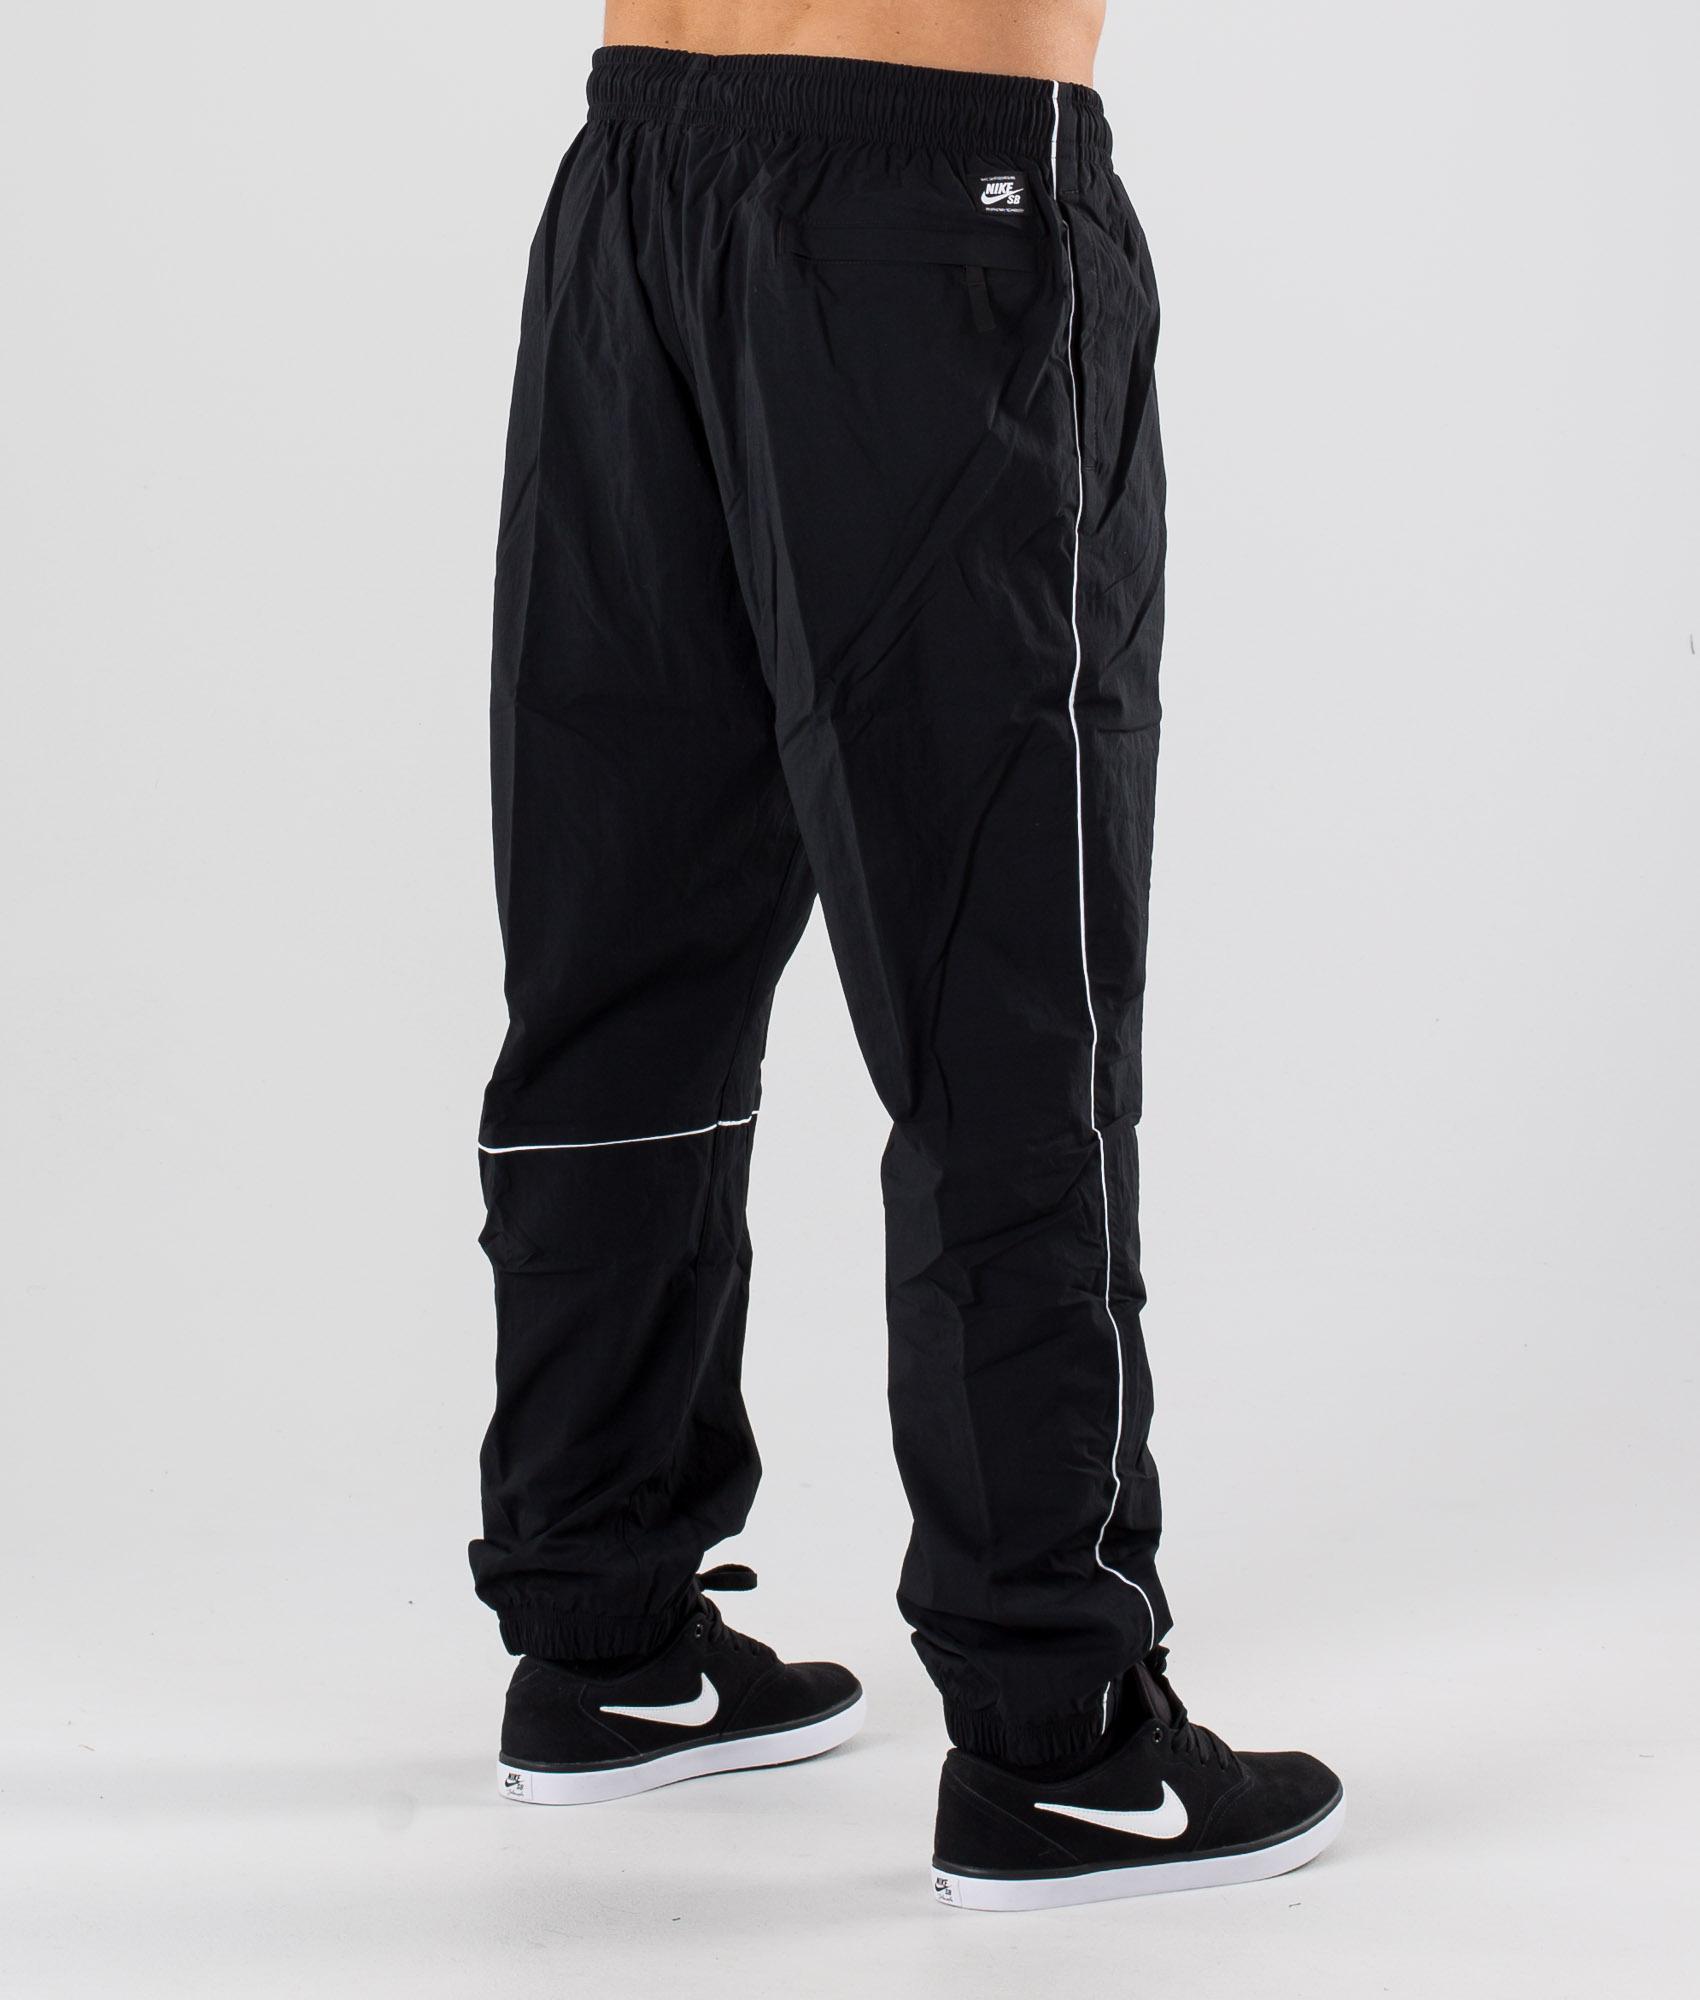 Nike SB Pant Track Swoosh Pants Black